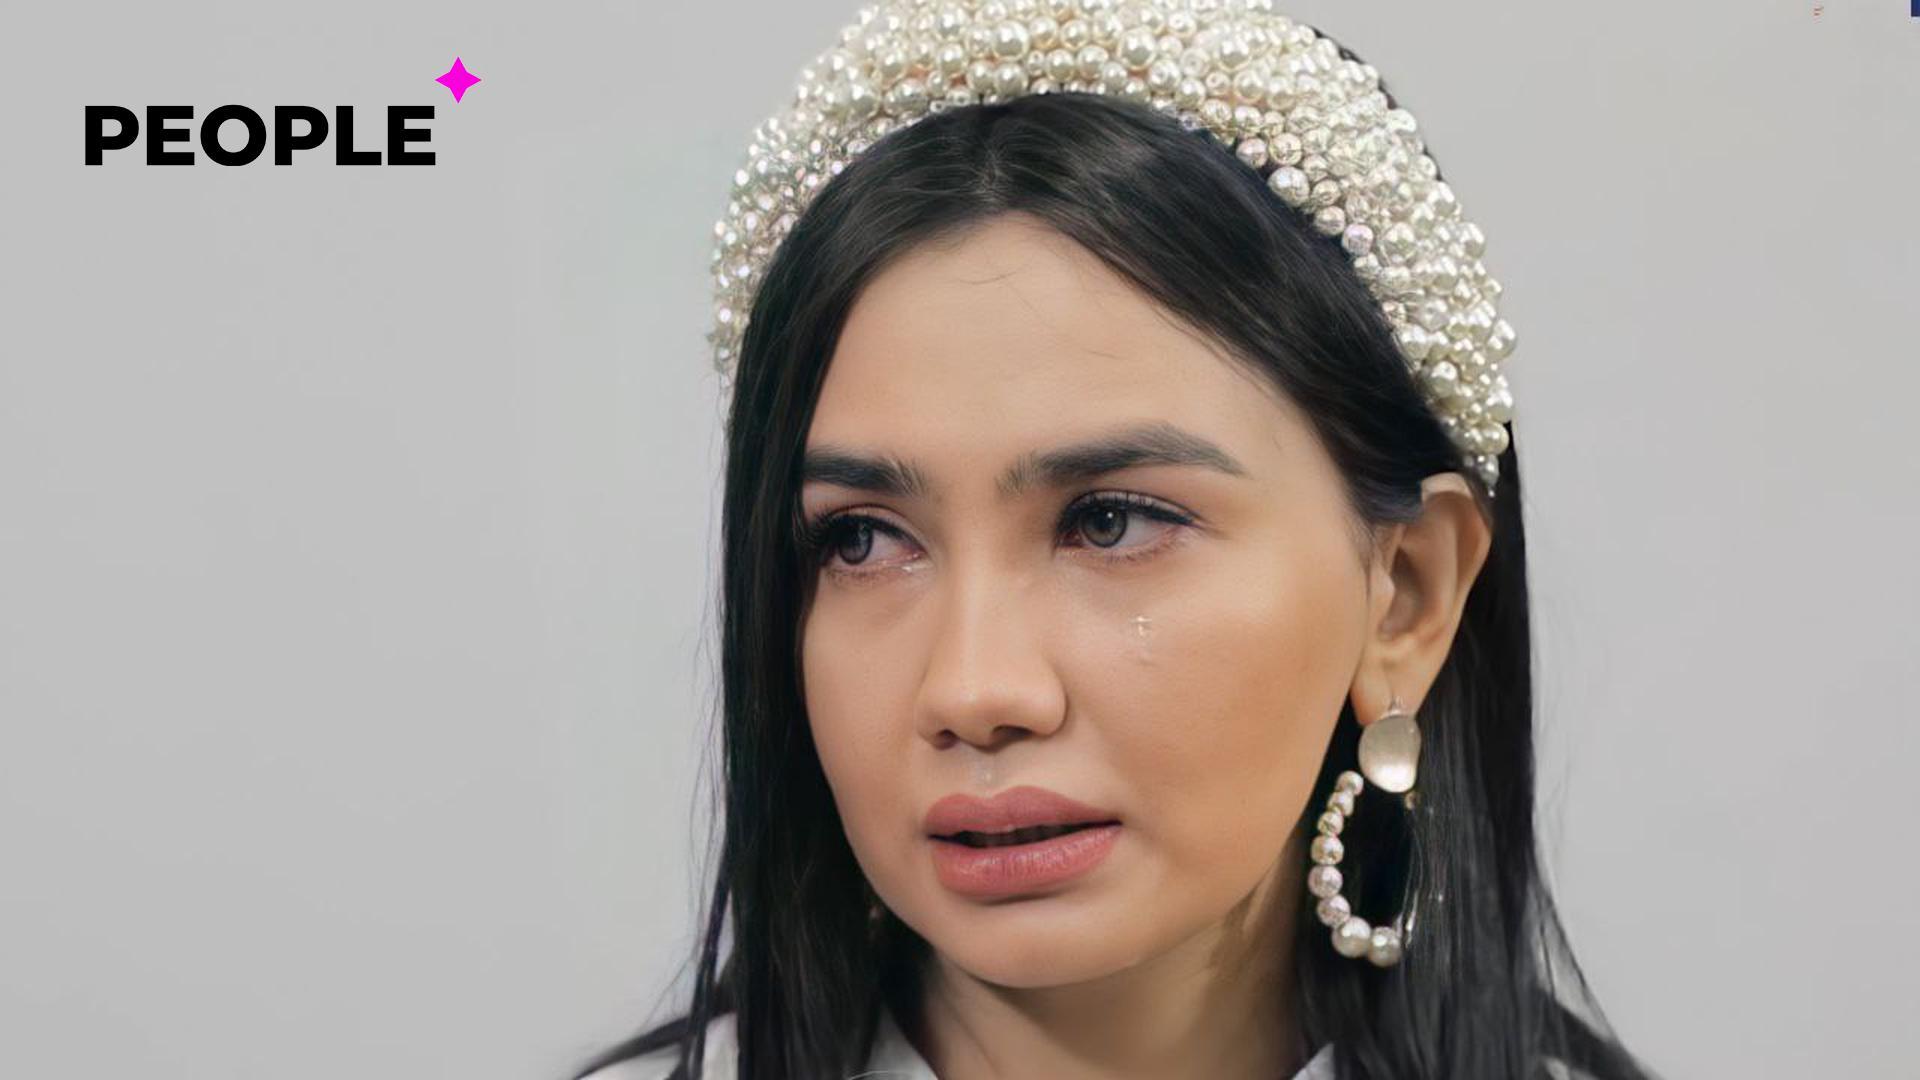 Актриса Азиза Якубова решила простить мужа, который неоднократно ей изменял — видео